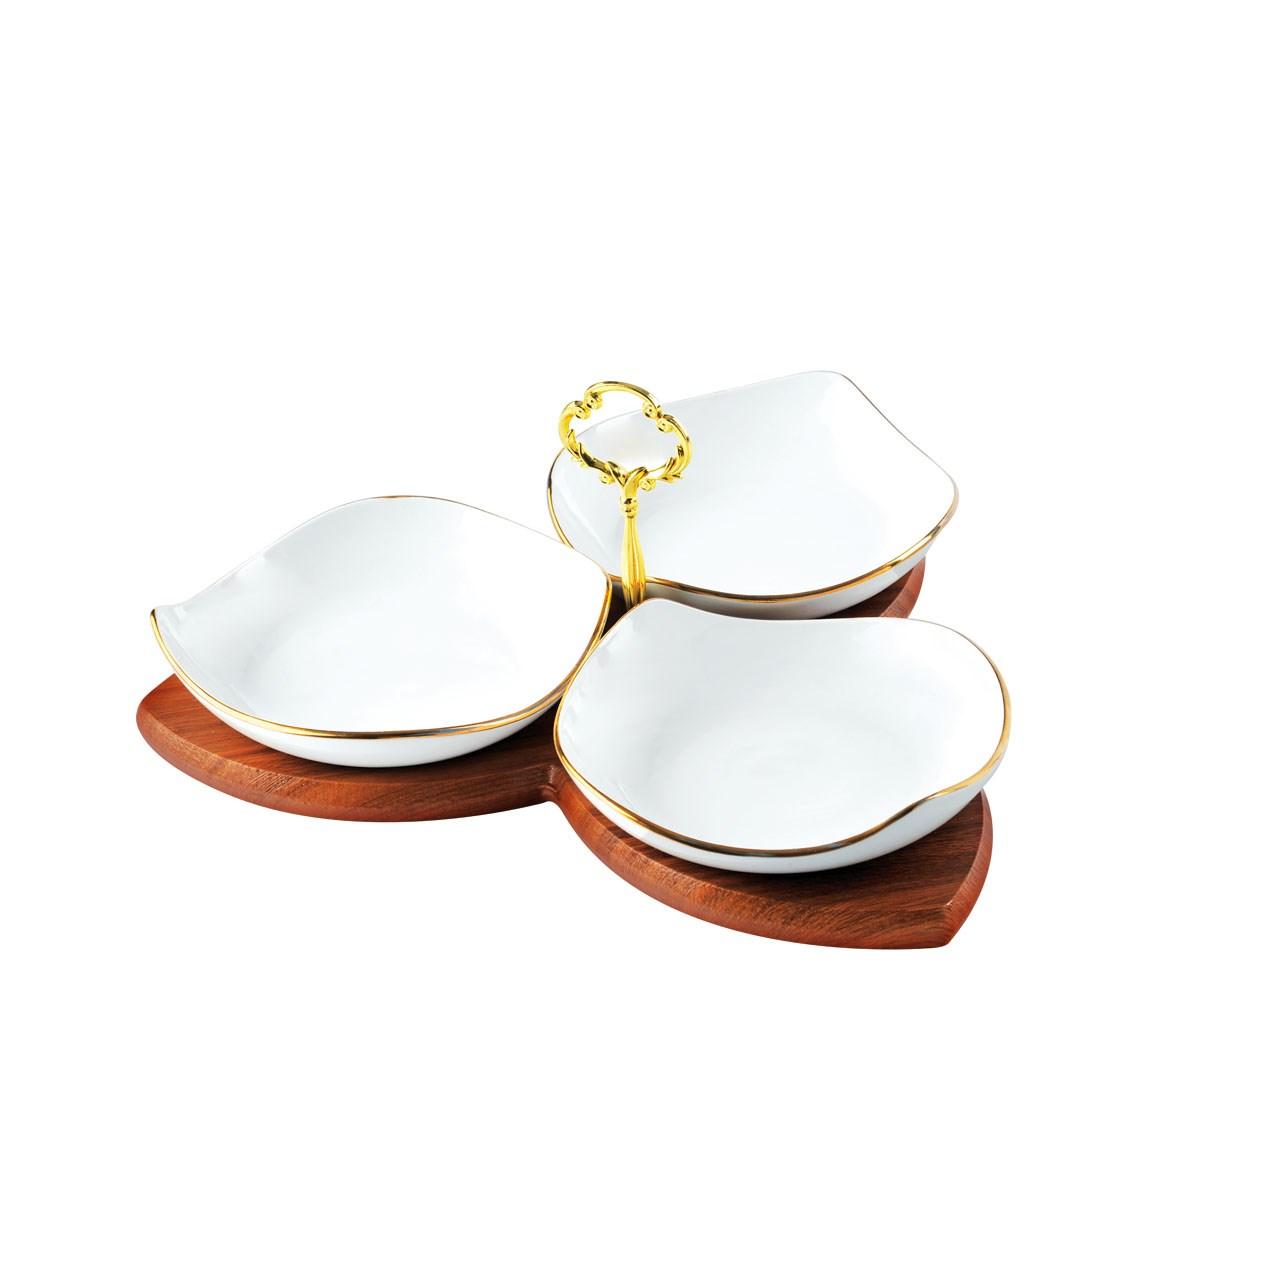 اردو خوری لیمون چینی پایه چوبی مدل شیوا خط طلا